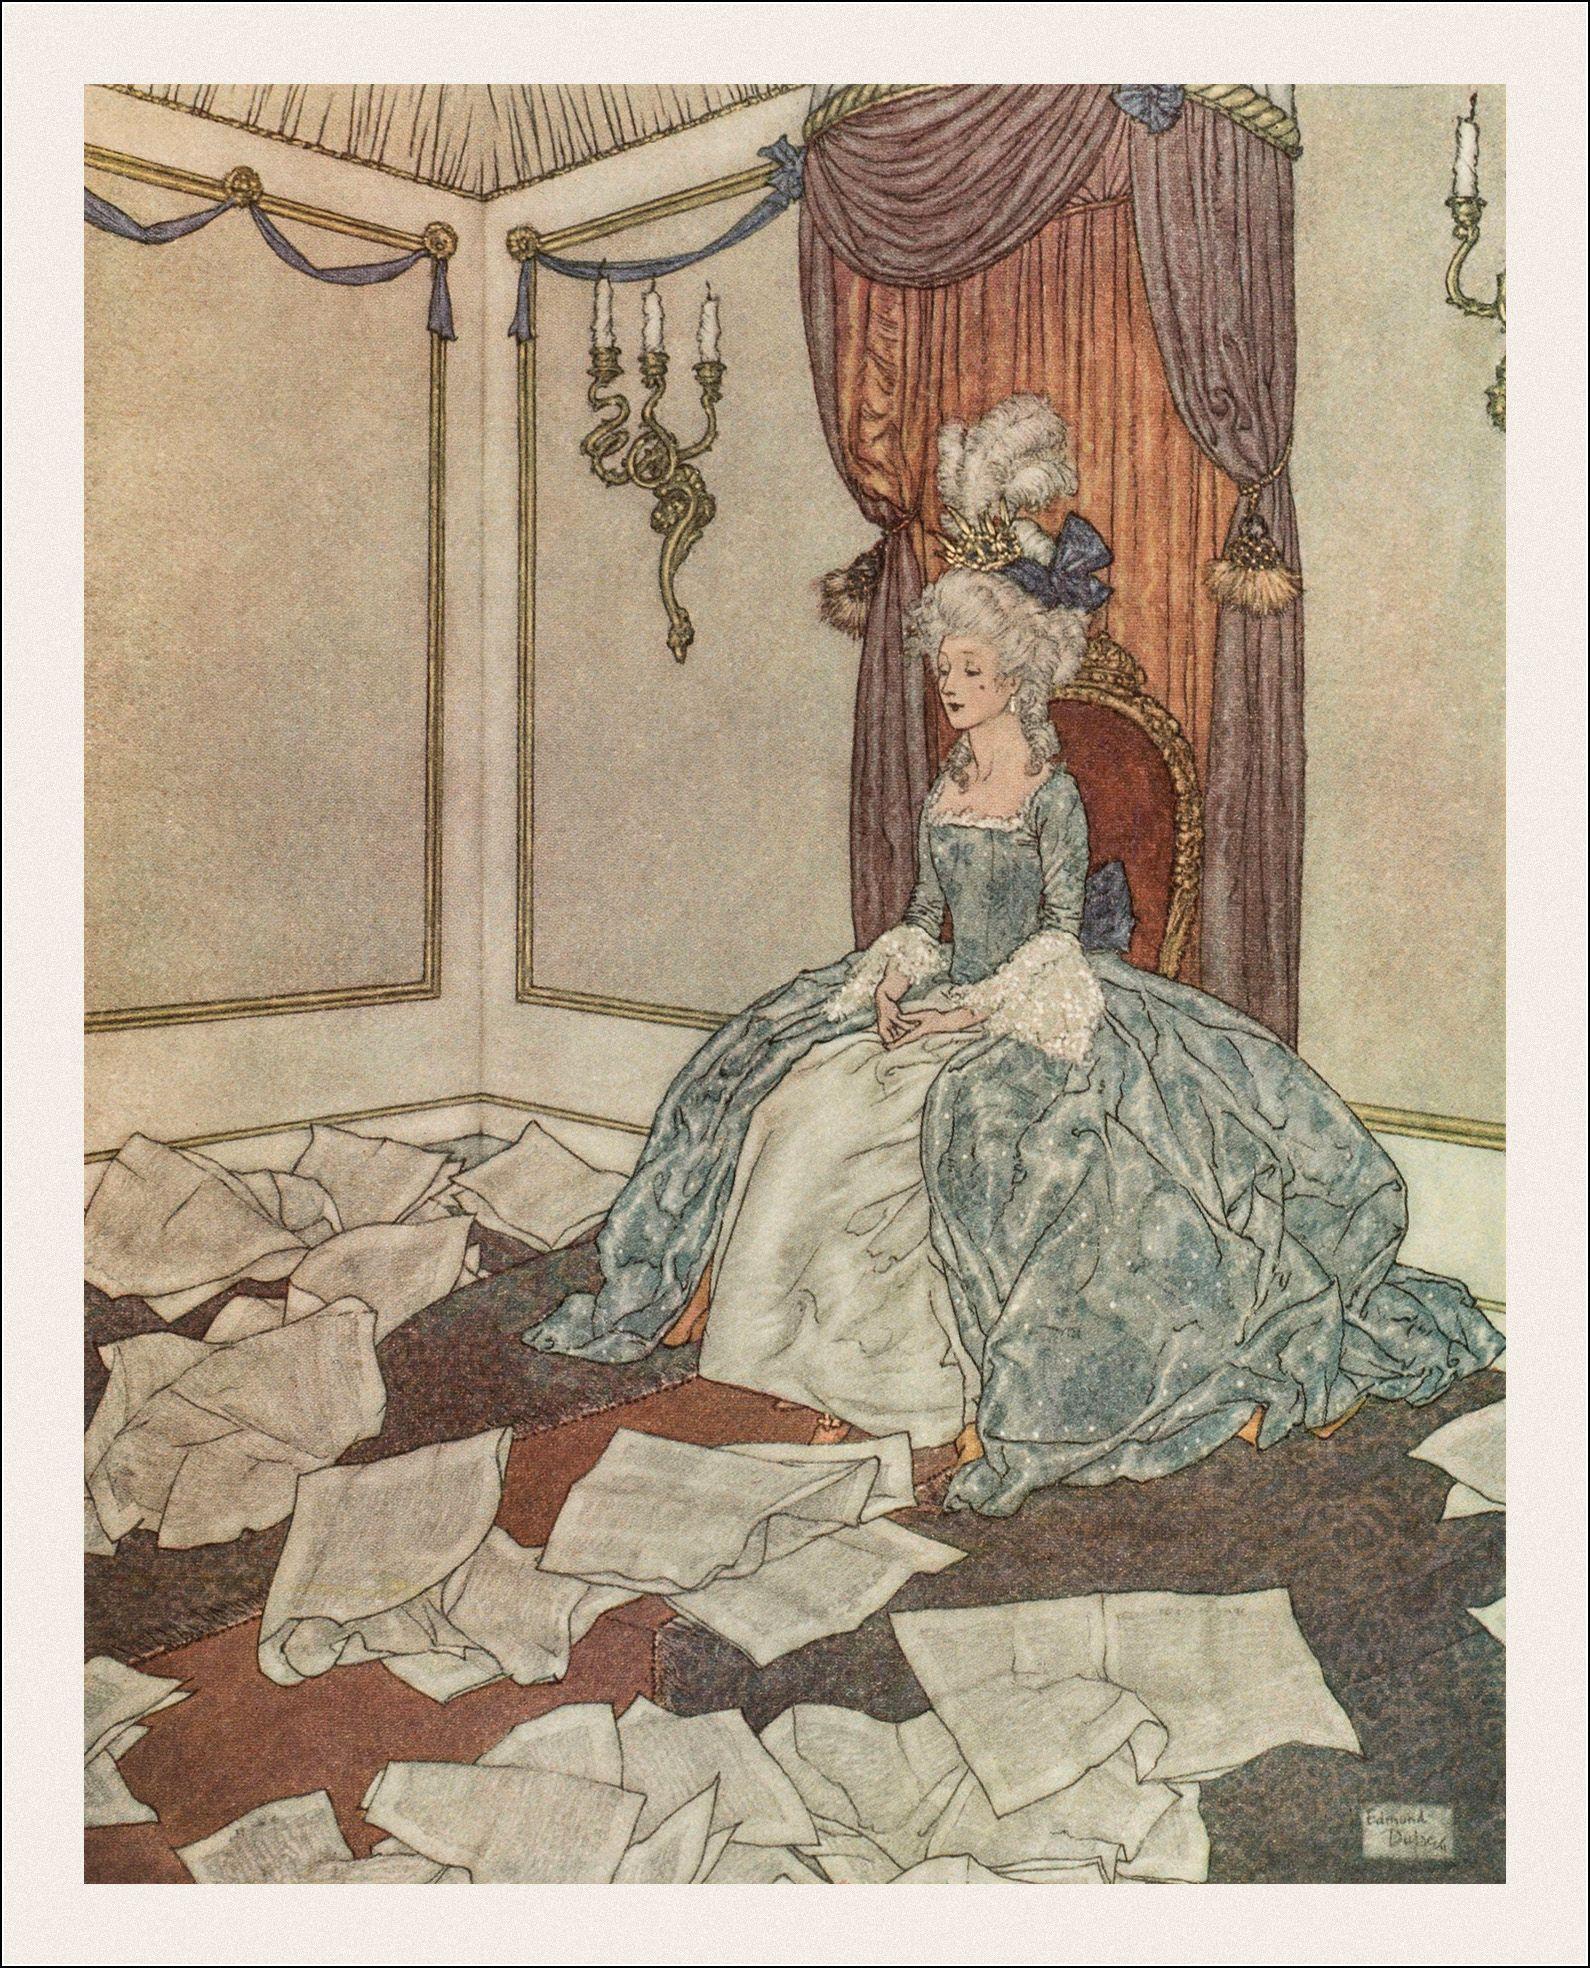 Hans Christian Andersen. La reine des neiges et quelques autres contes. H. Piazza, Paris, 1911. Illustrés par Edmond Dulac.